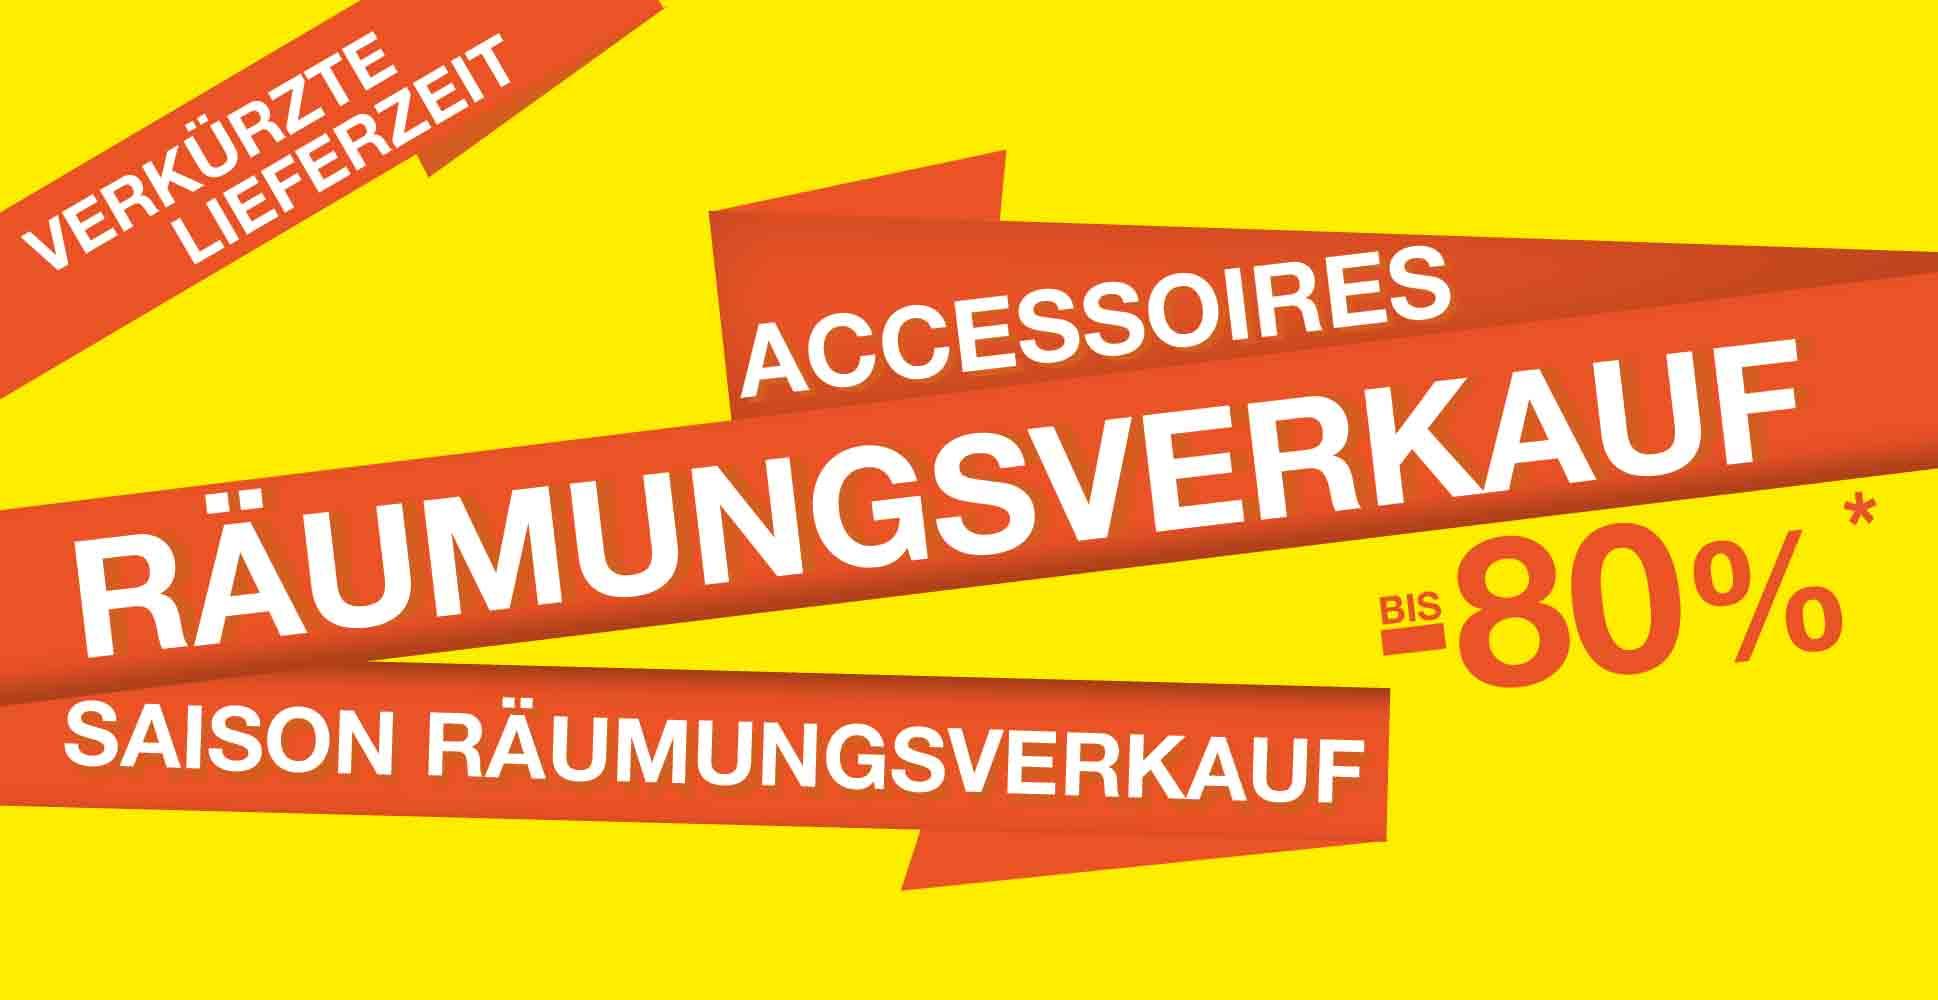 Mittwoch Räumungsverkauf Accessoires